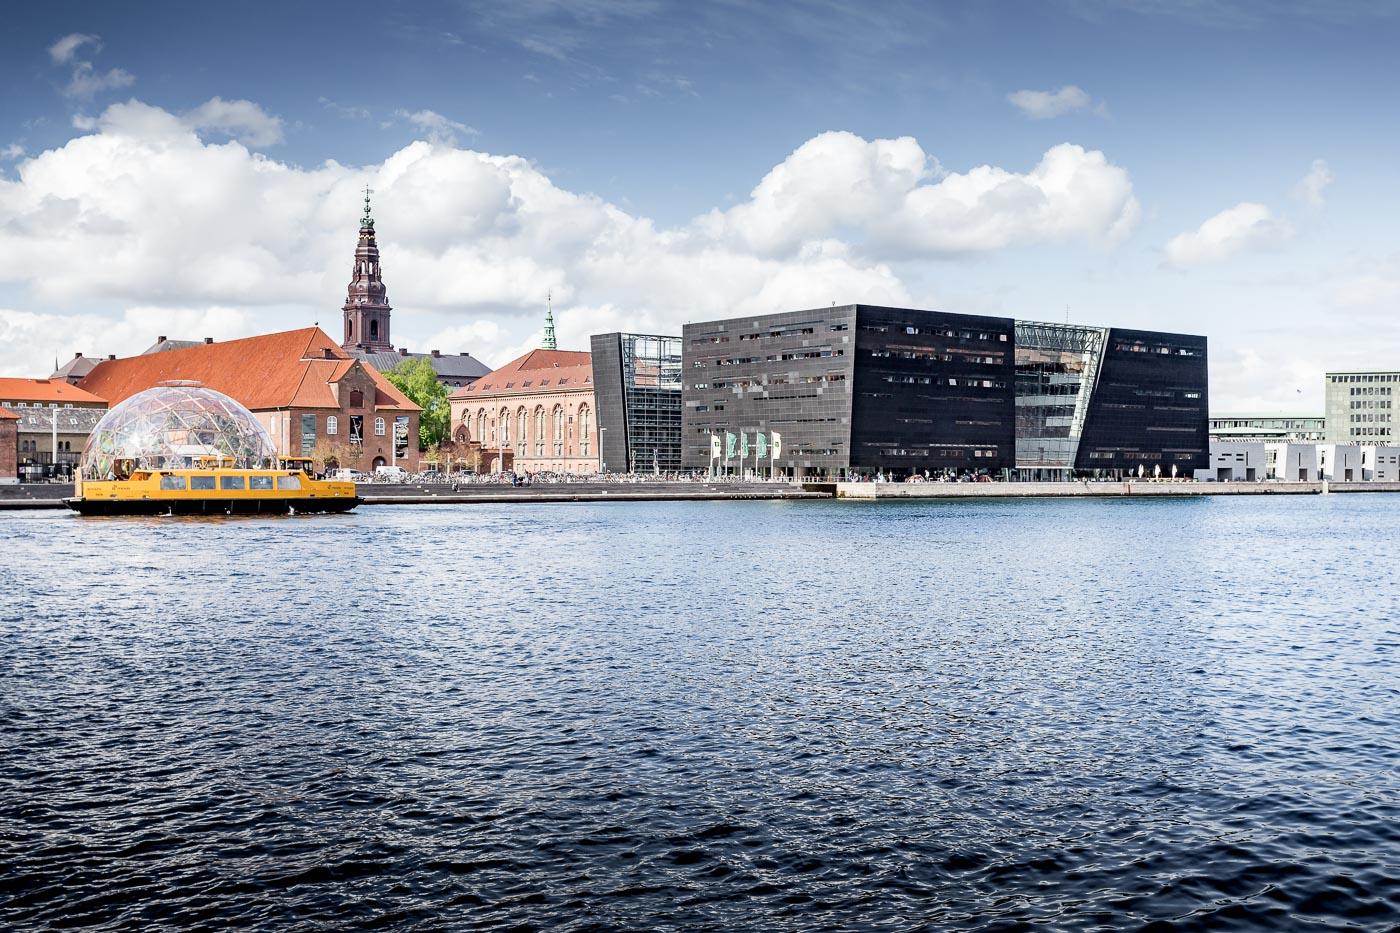 Kopenhagen Bibliothek Den Sorte Diamant, neuer Anbau der Dänischen Königlichen Bibliothek